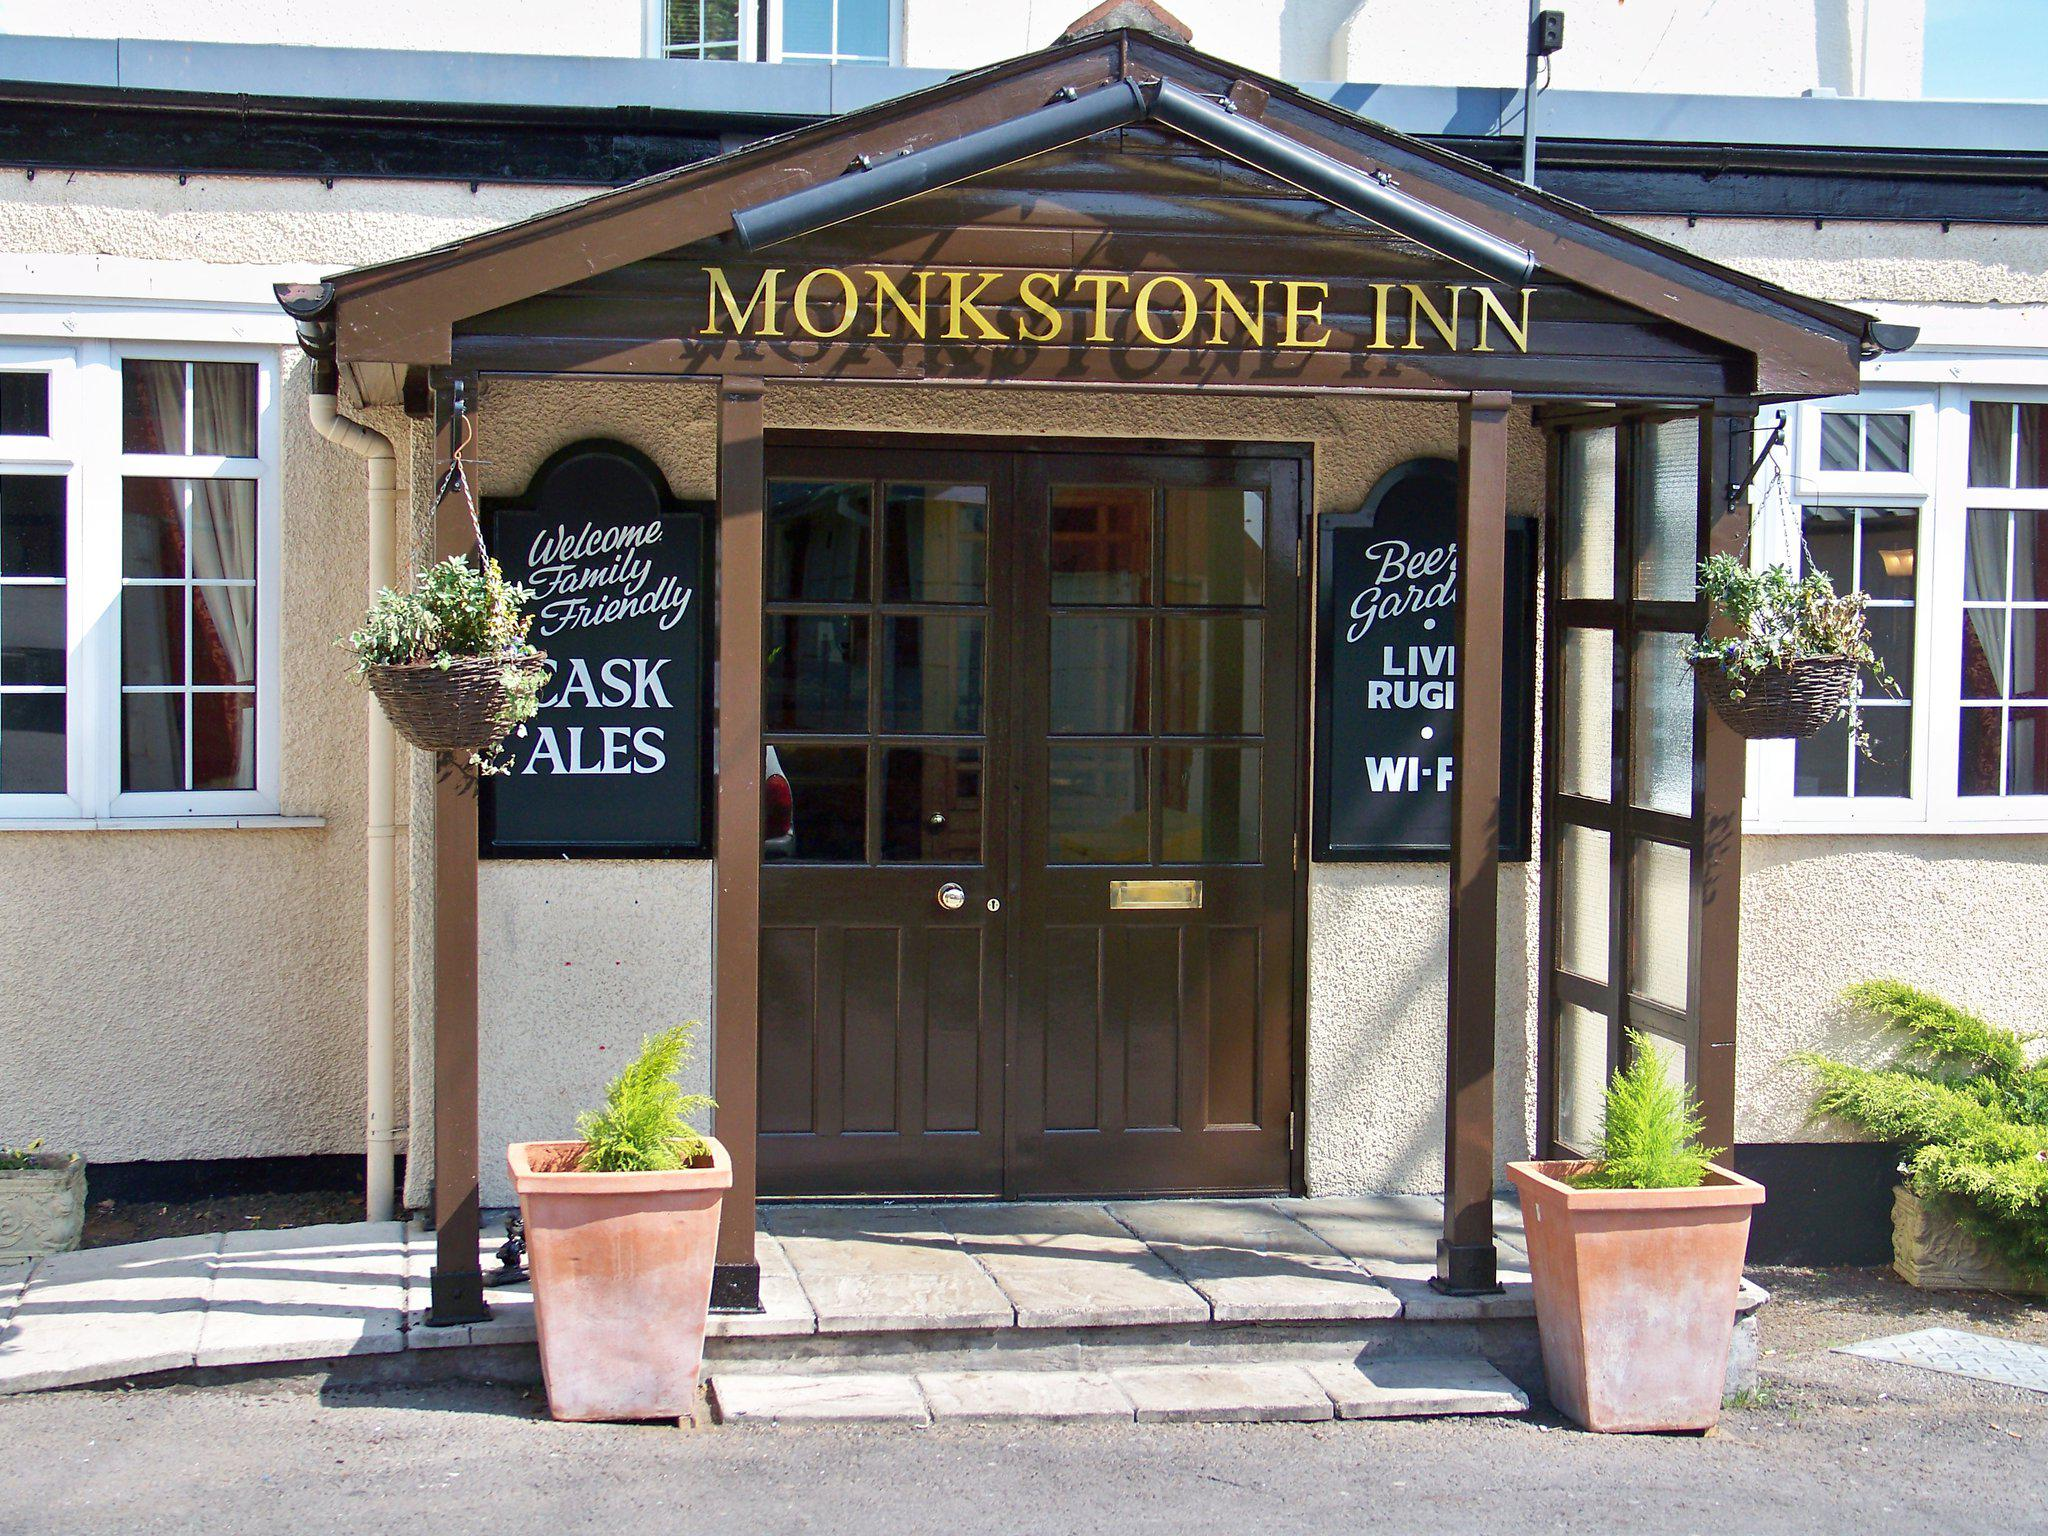 Monkstone Inn Cardiff - Rumney, Cardiff, South Glamorgan CF3 4LL - 02920 778072   ShowMeLocal.com